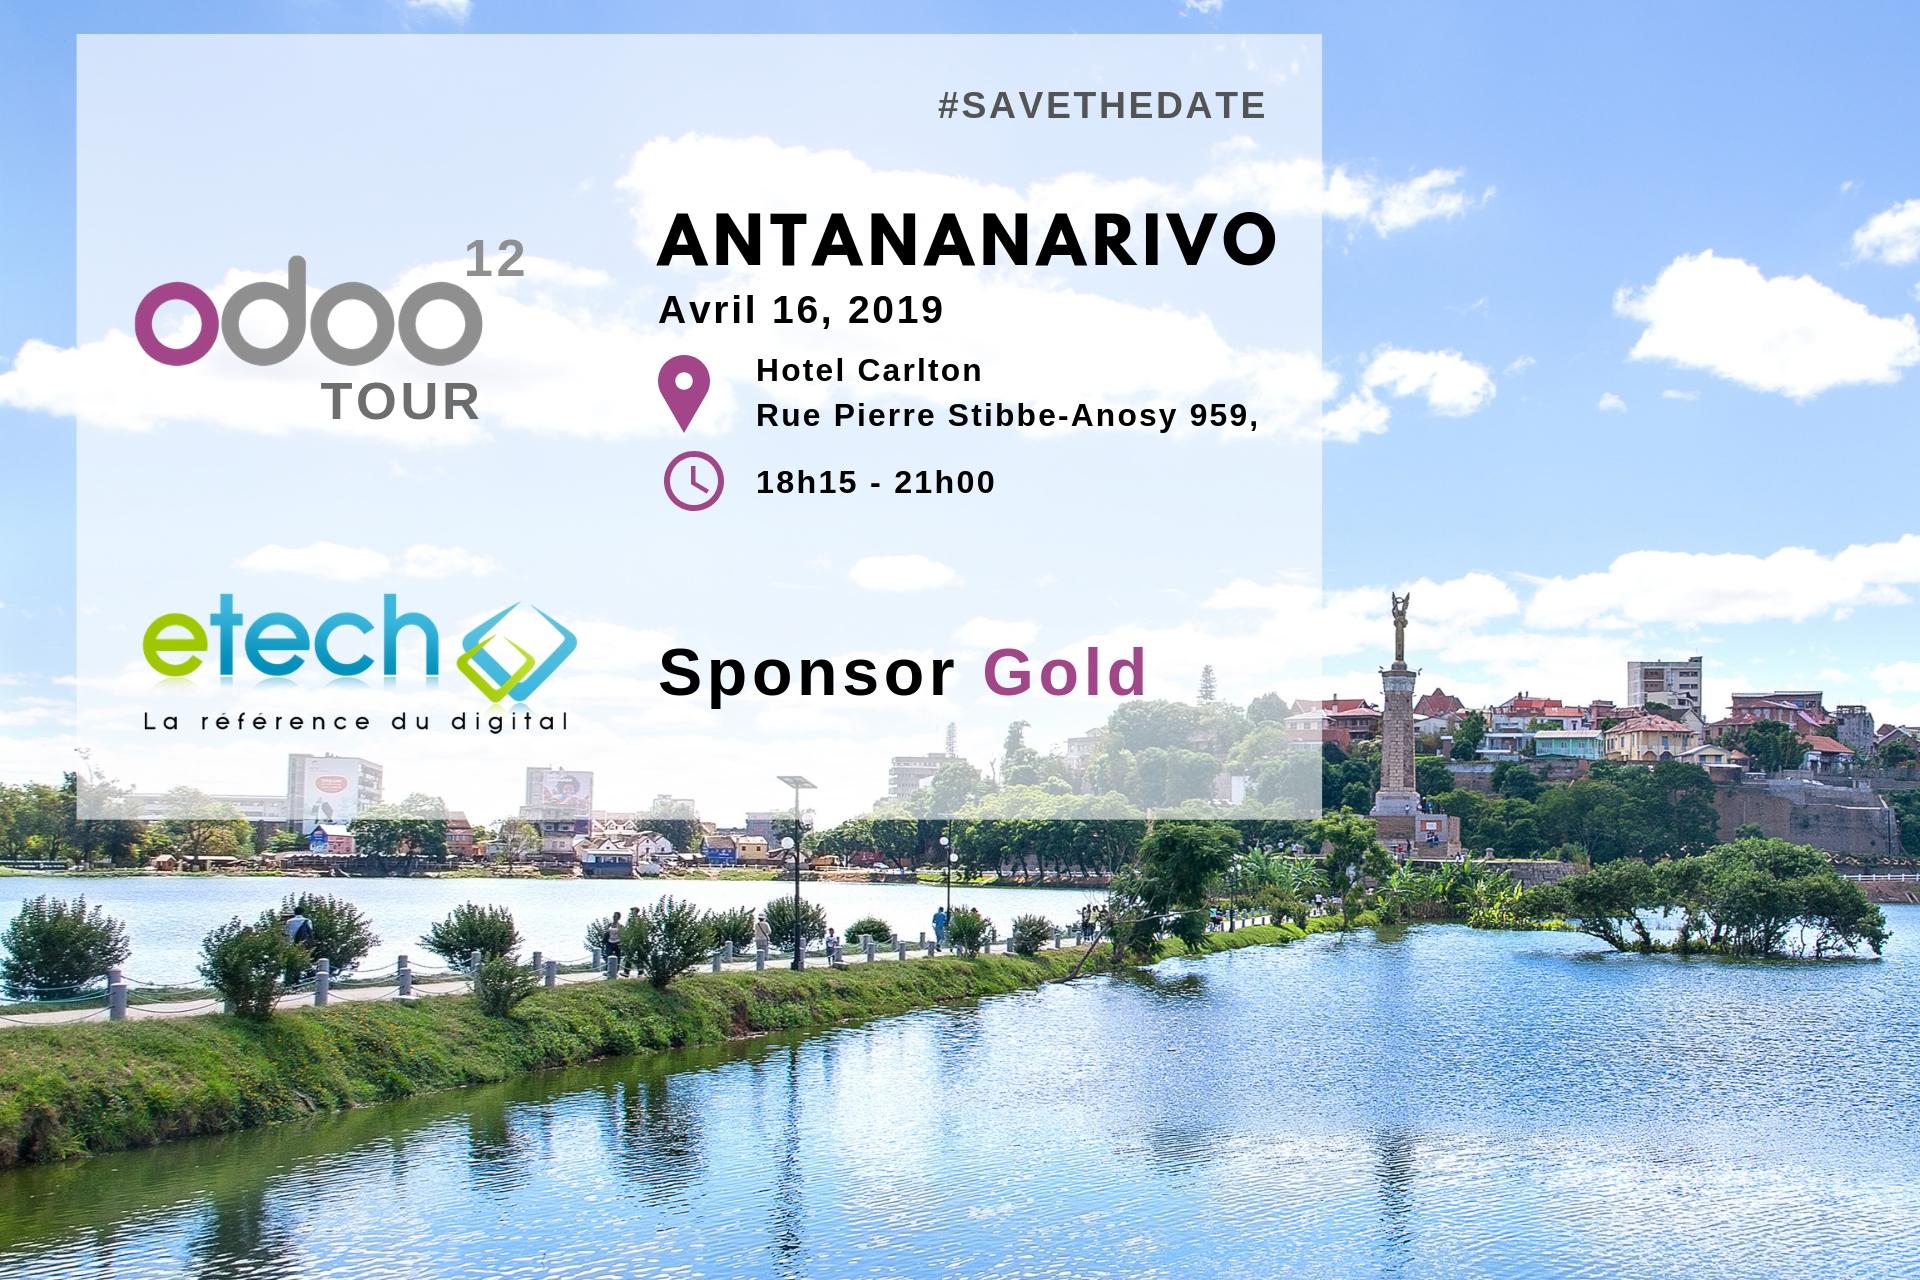 Odoo 12 Antananarivo - eTech